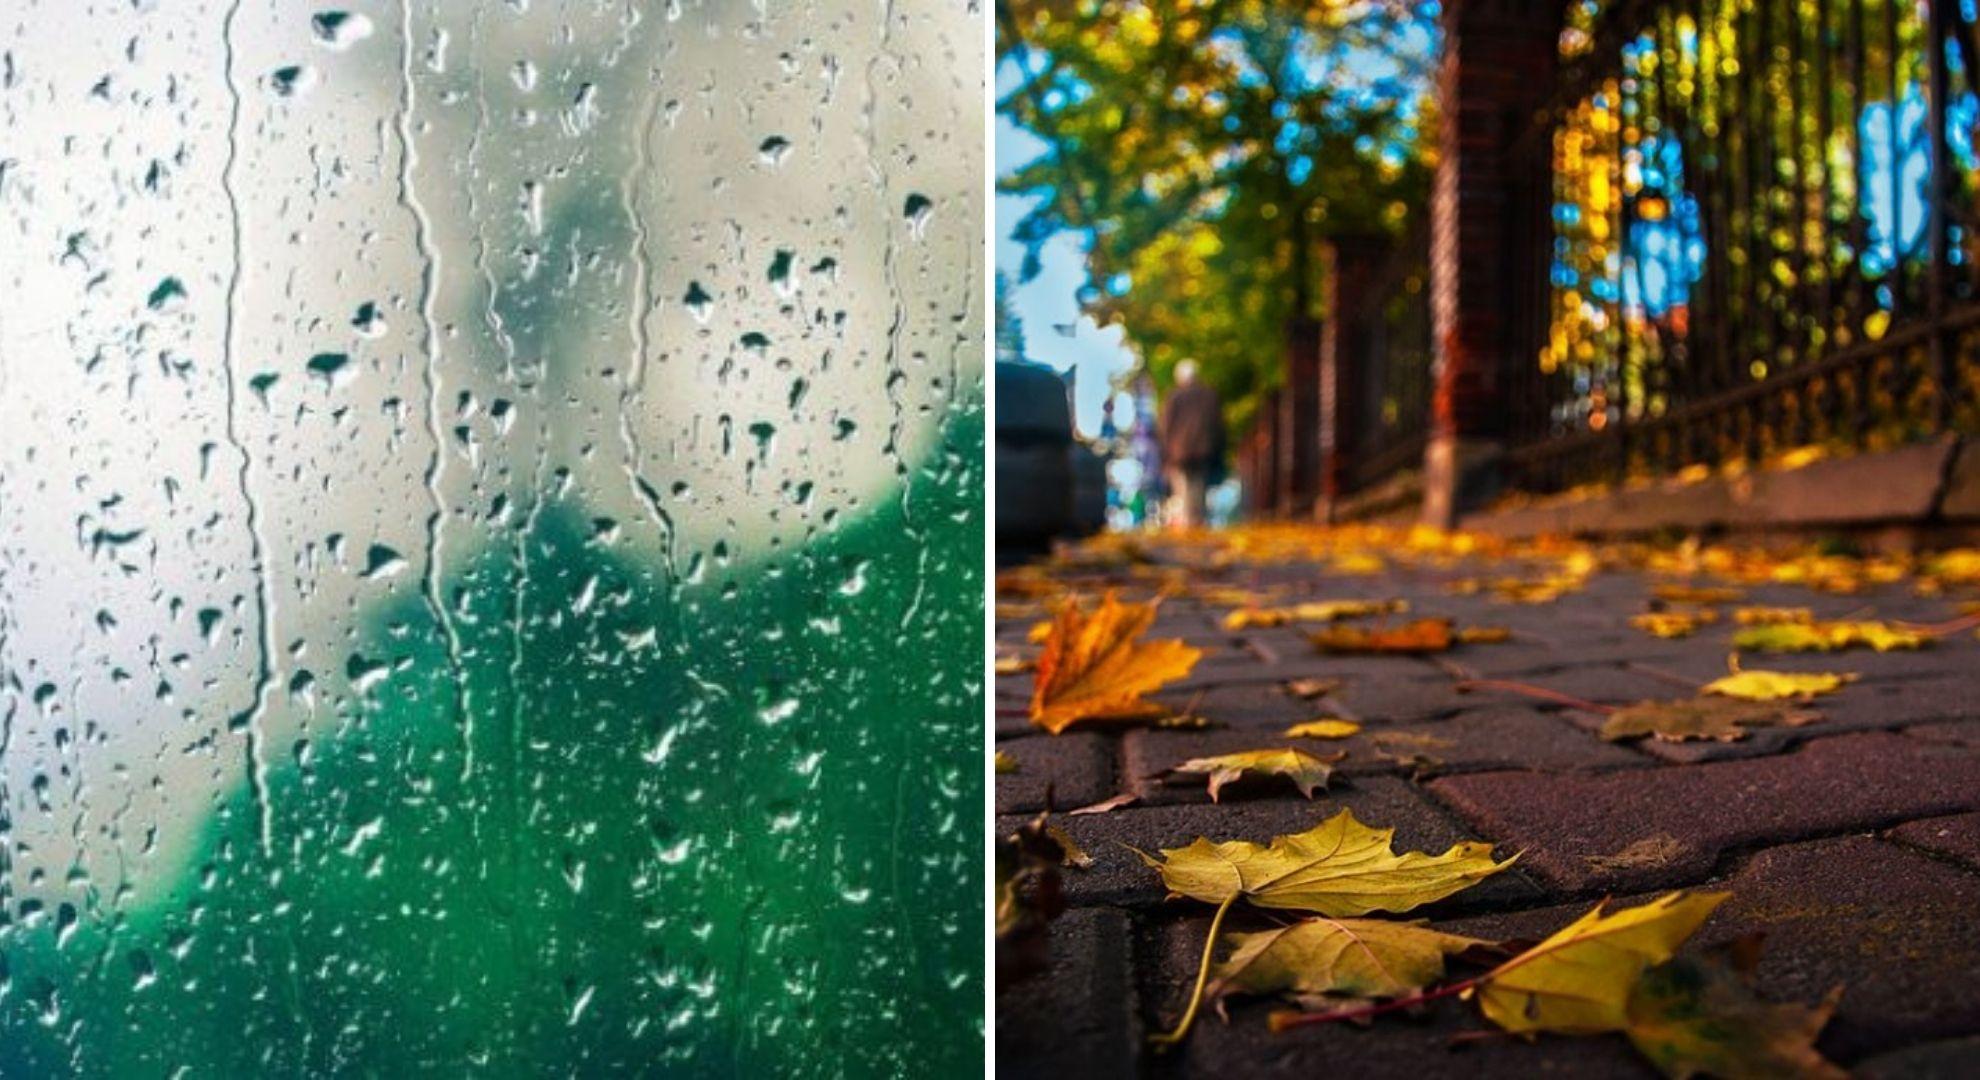 Prognoza ANM 25 septembrie 2020. Vremea se răcește în toată țara